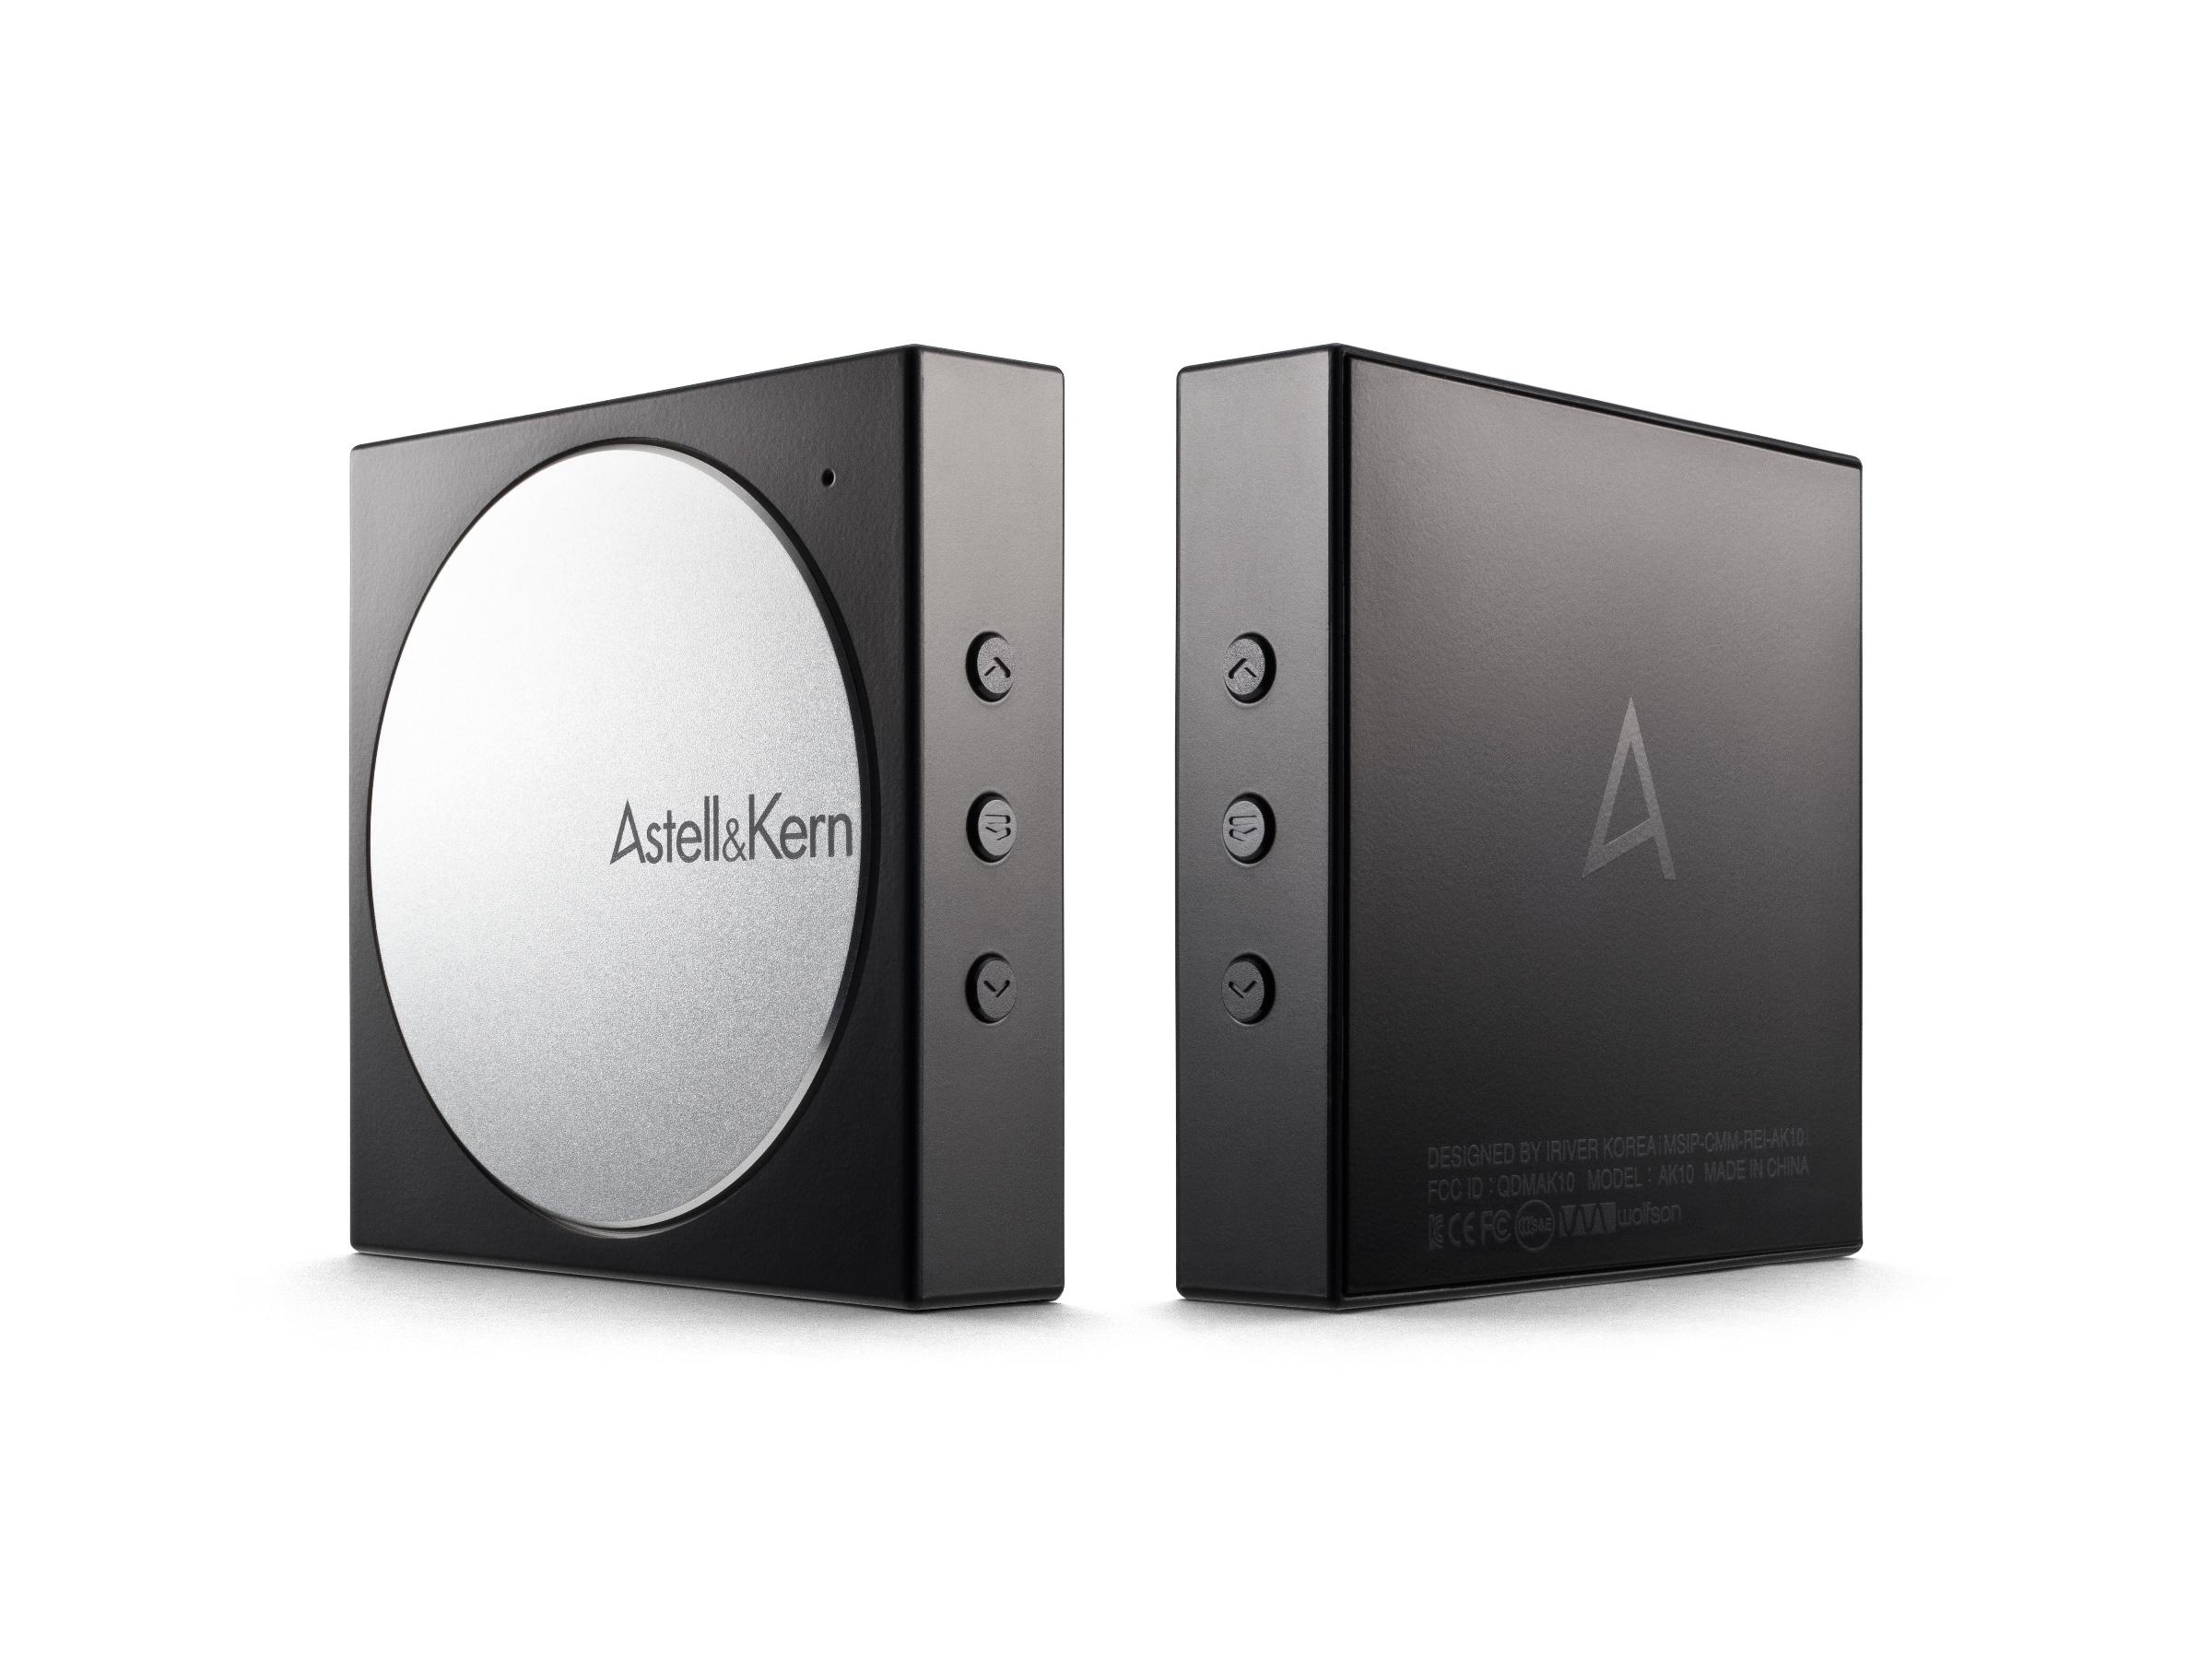 Astell & Kern AK 10 超輕巧隨身DAC耳擴